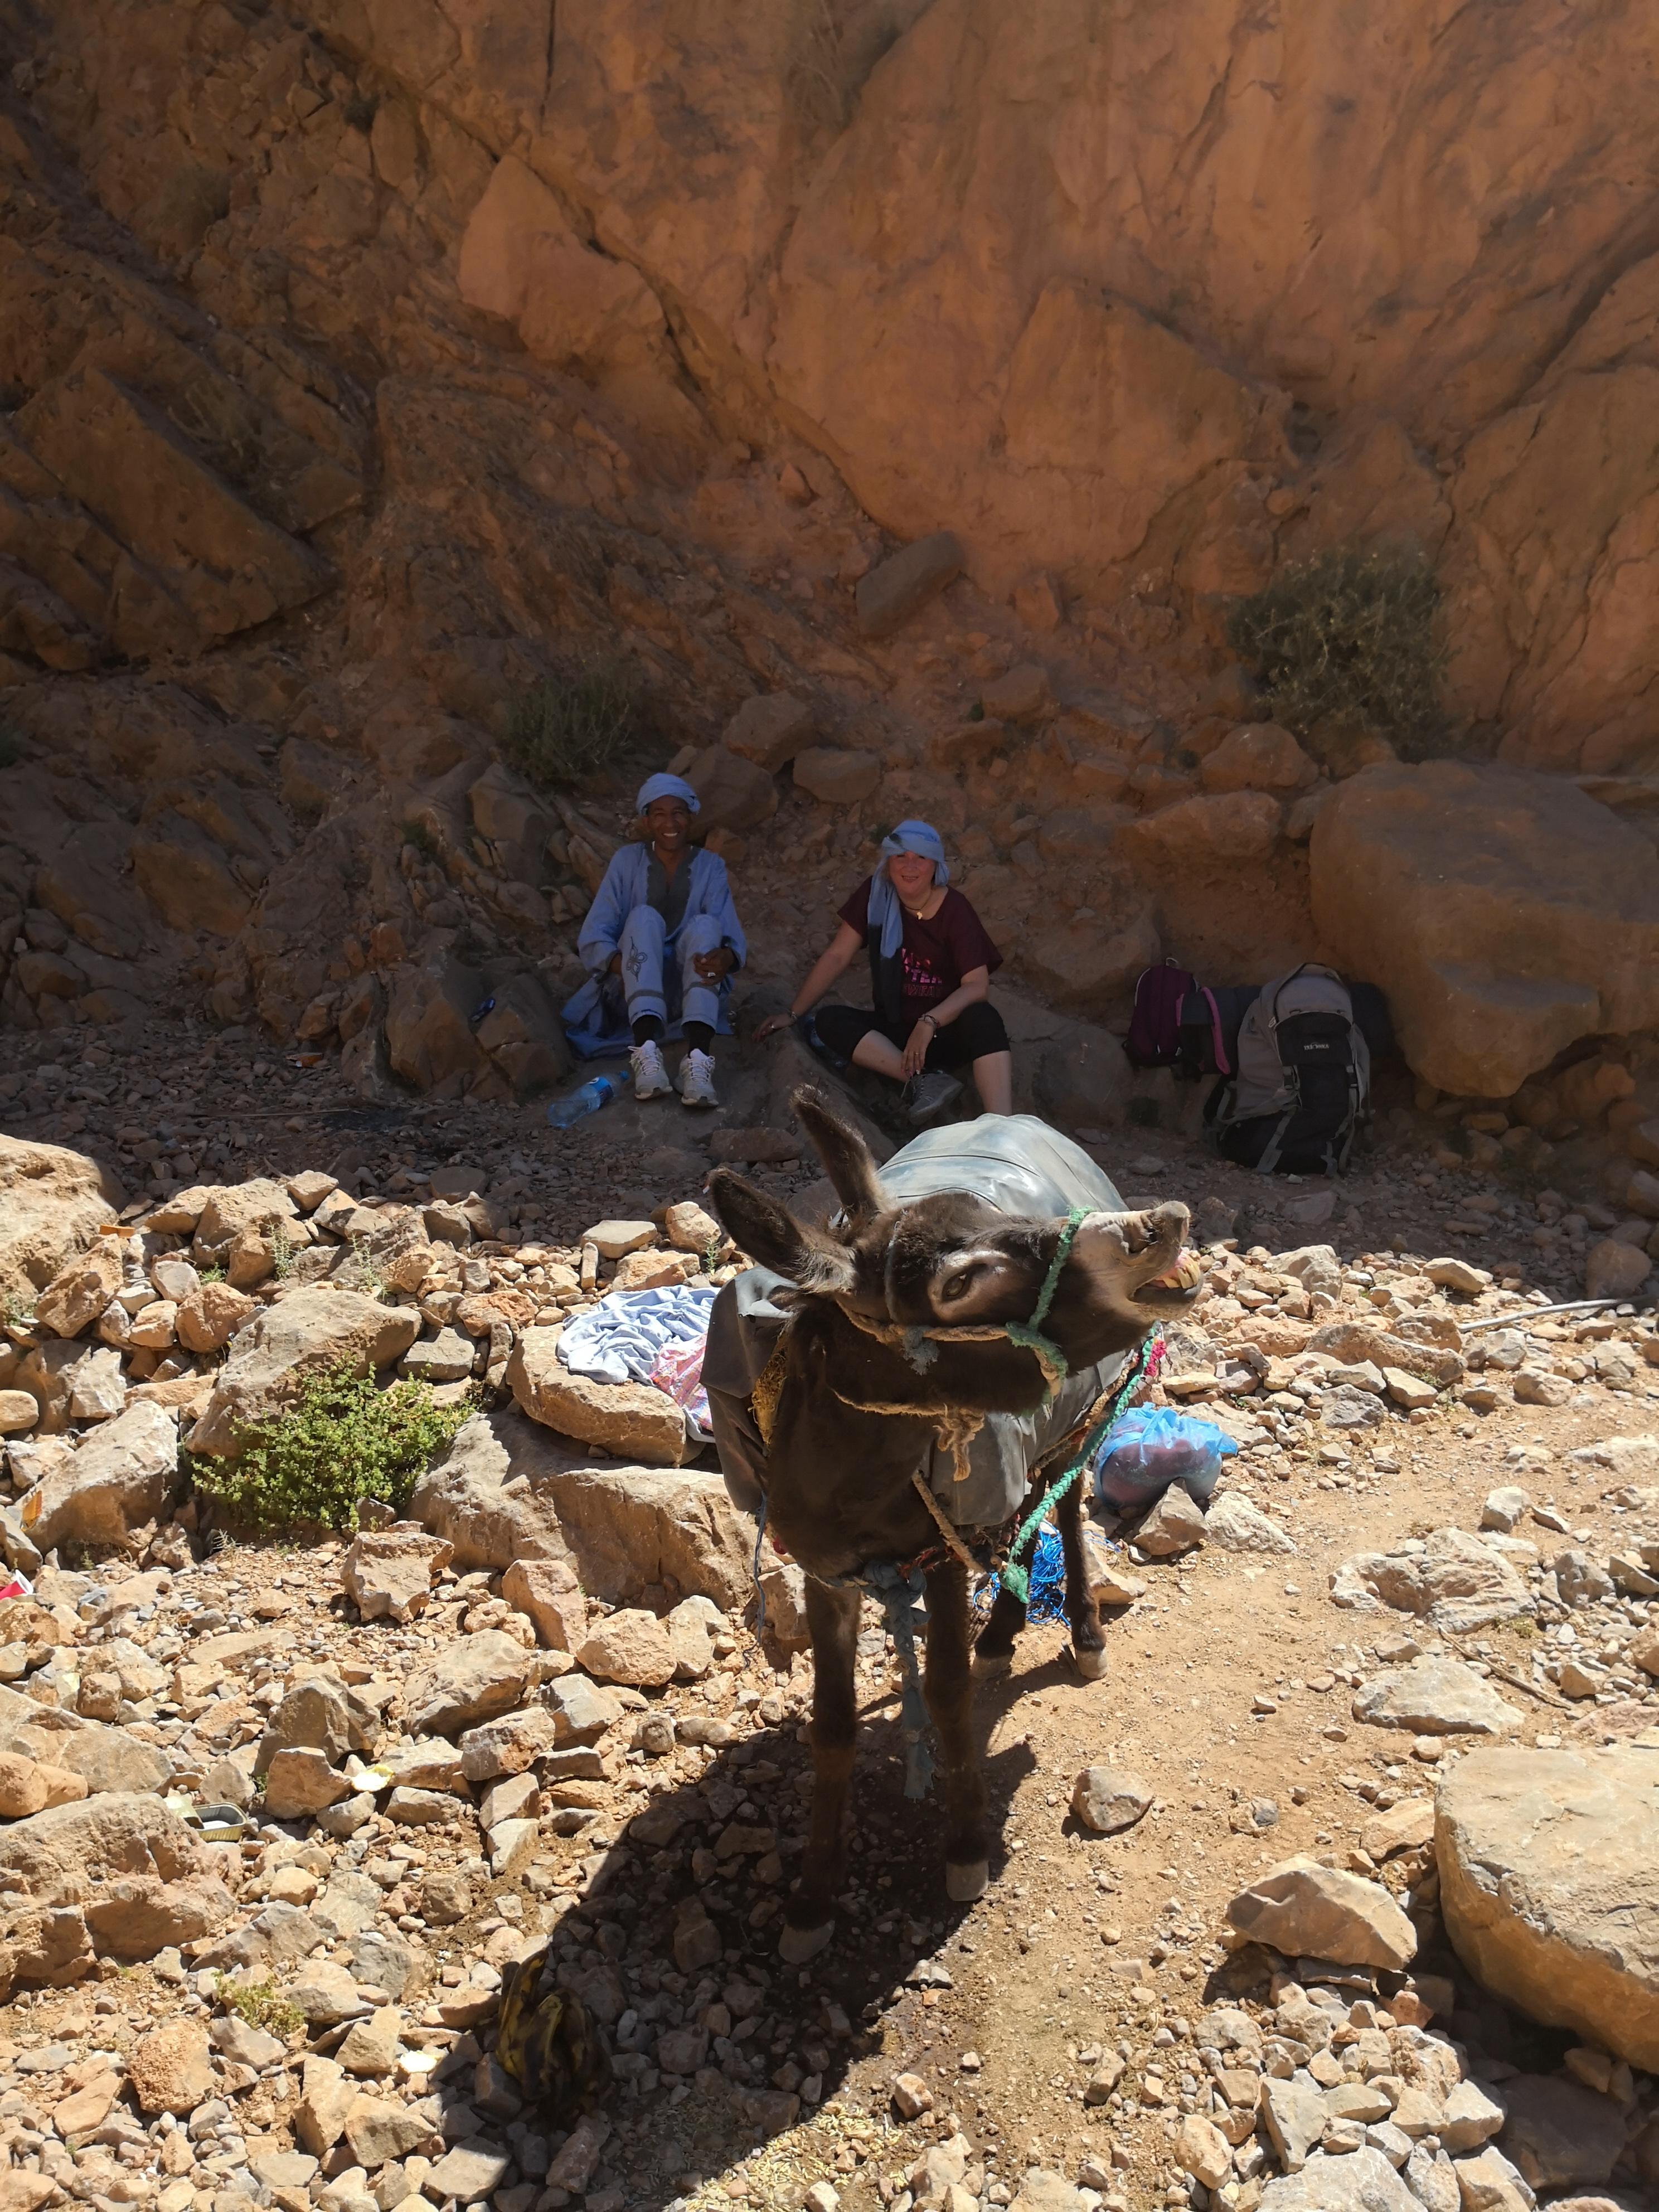 esperienza con i nomadi dell'Atlante